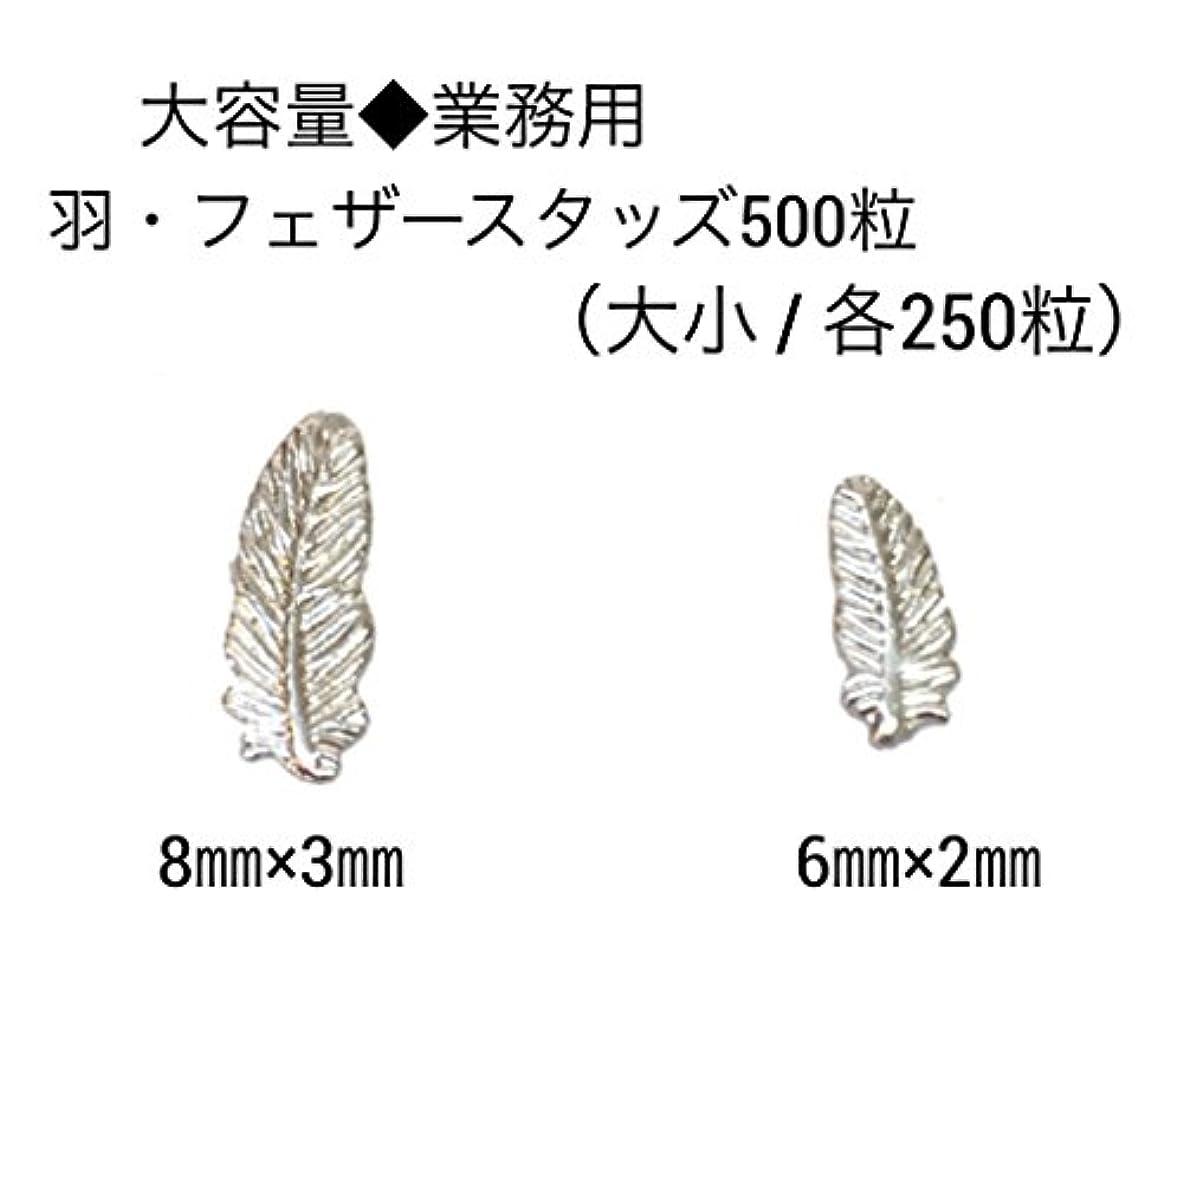 論文通信網椅子大容量◆羽?フェザースタッズ シルバー500粒(大.小/各250粒)